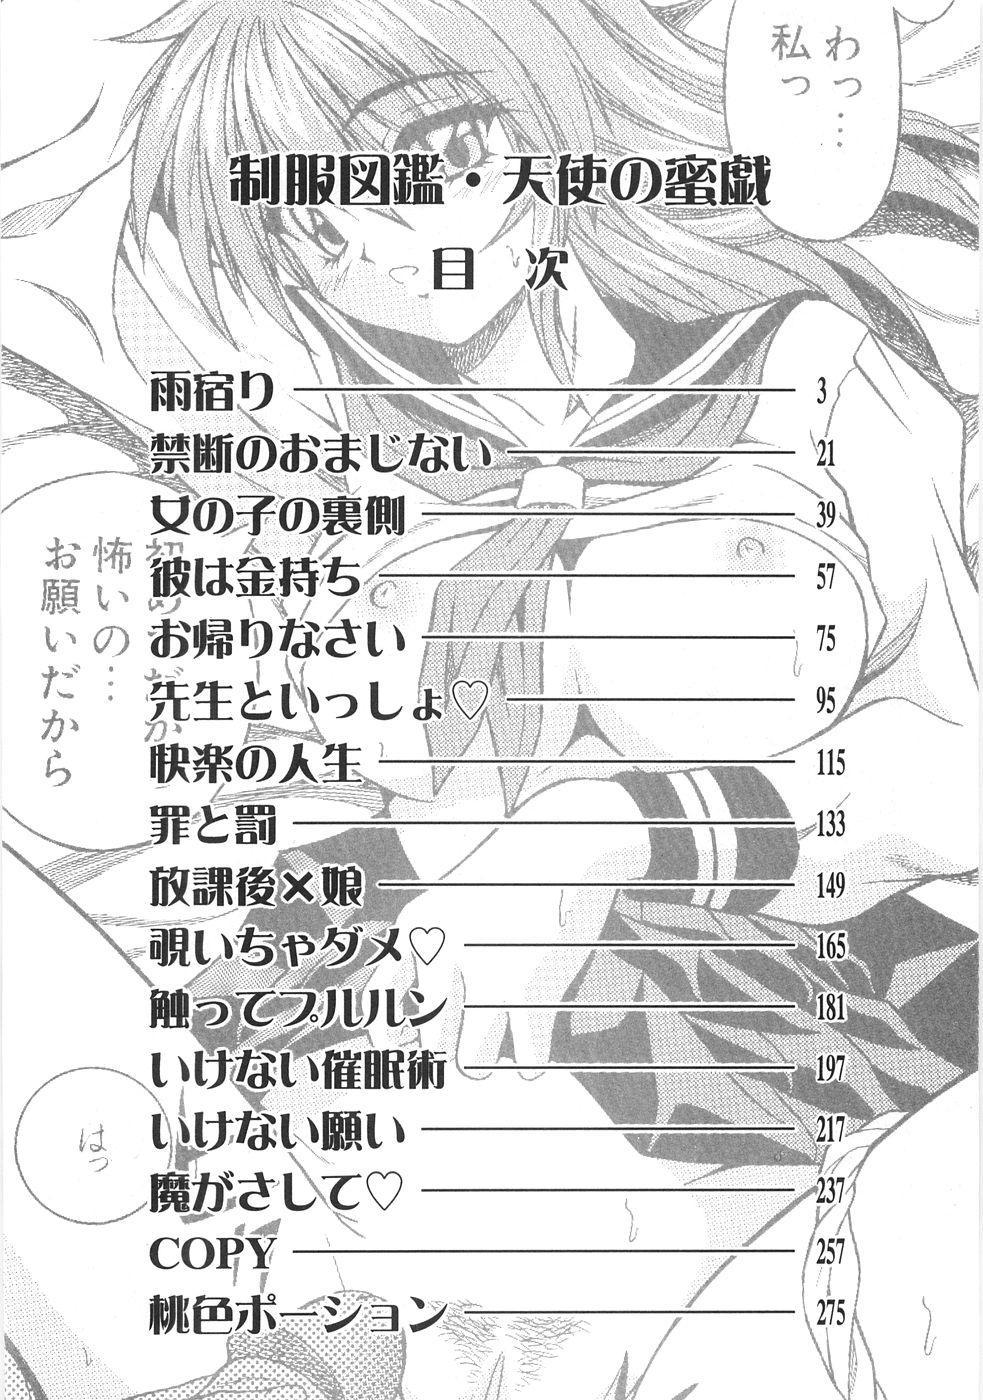 Seifuku Zukan Tenshi no Mitsugi 7